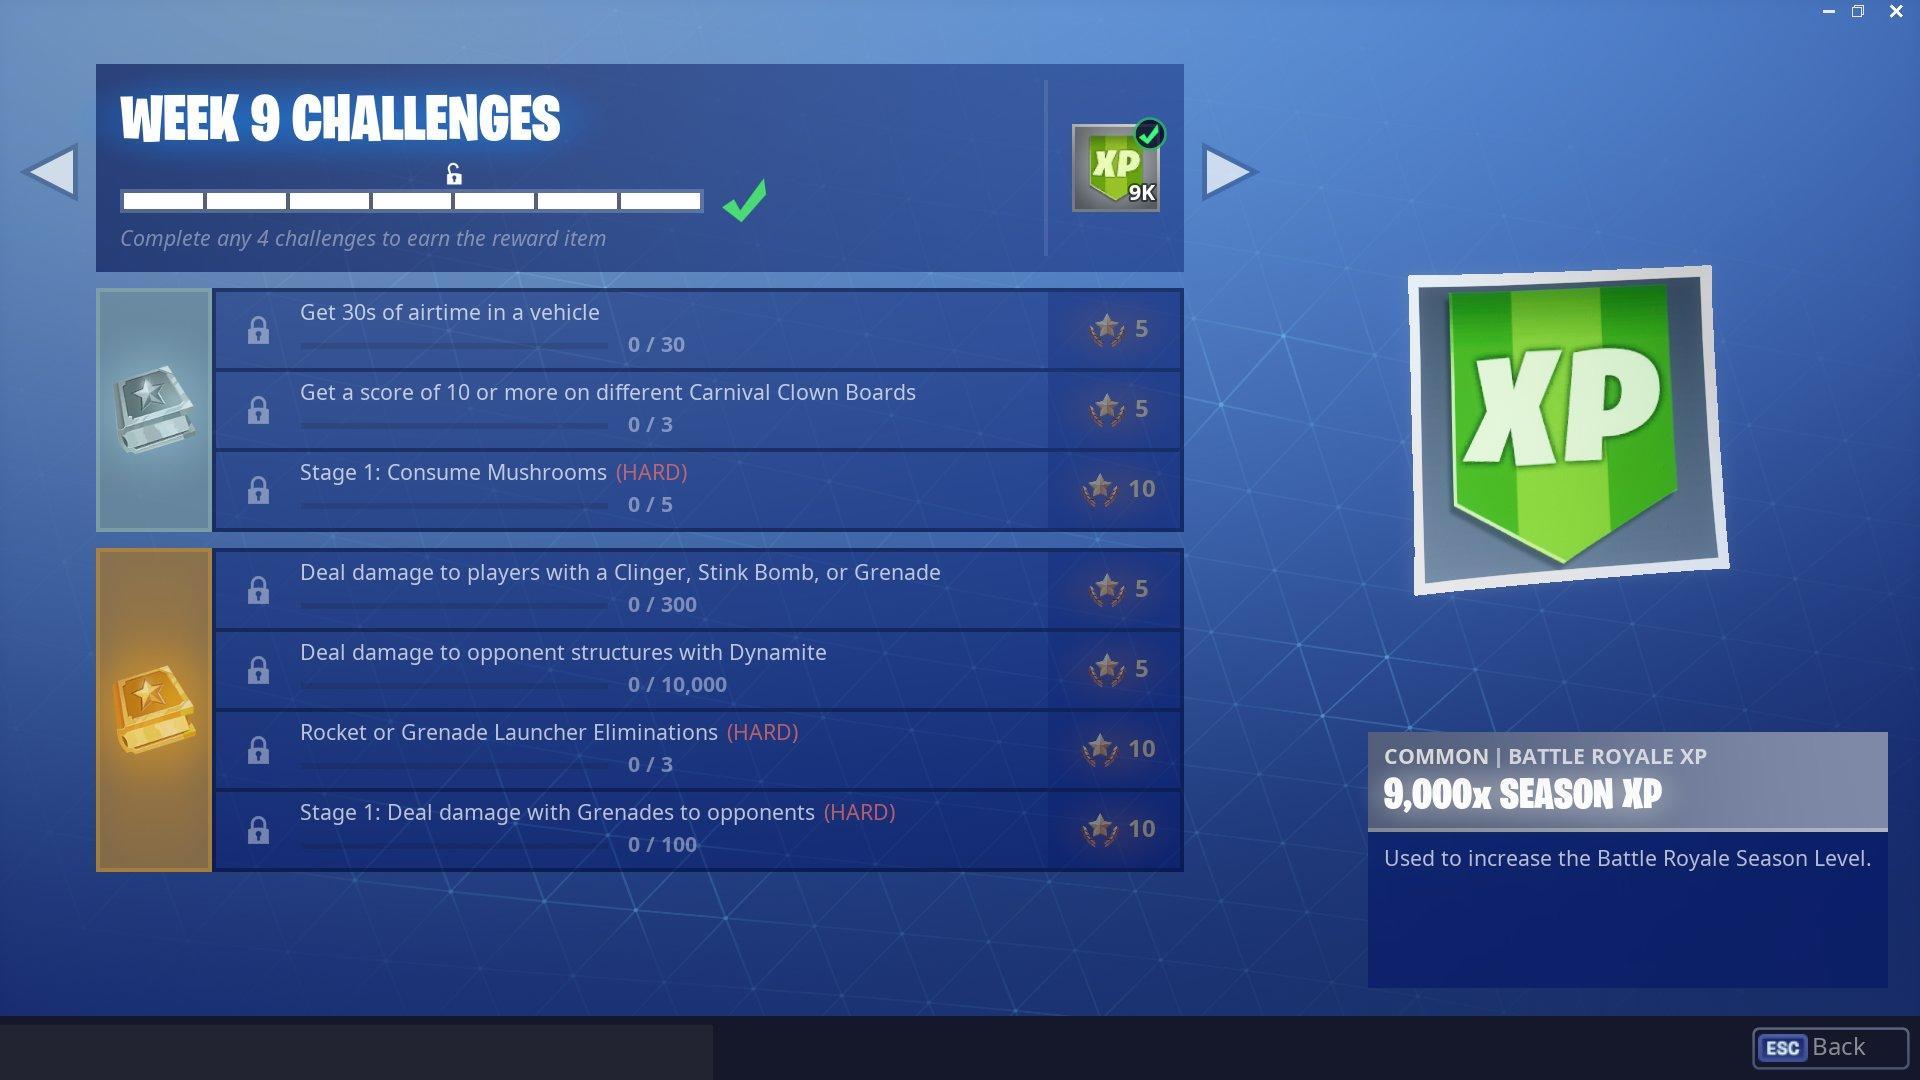 Season 6 Week 9 Challenges